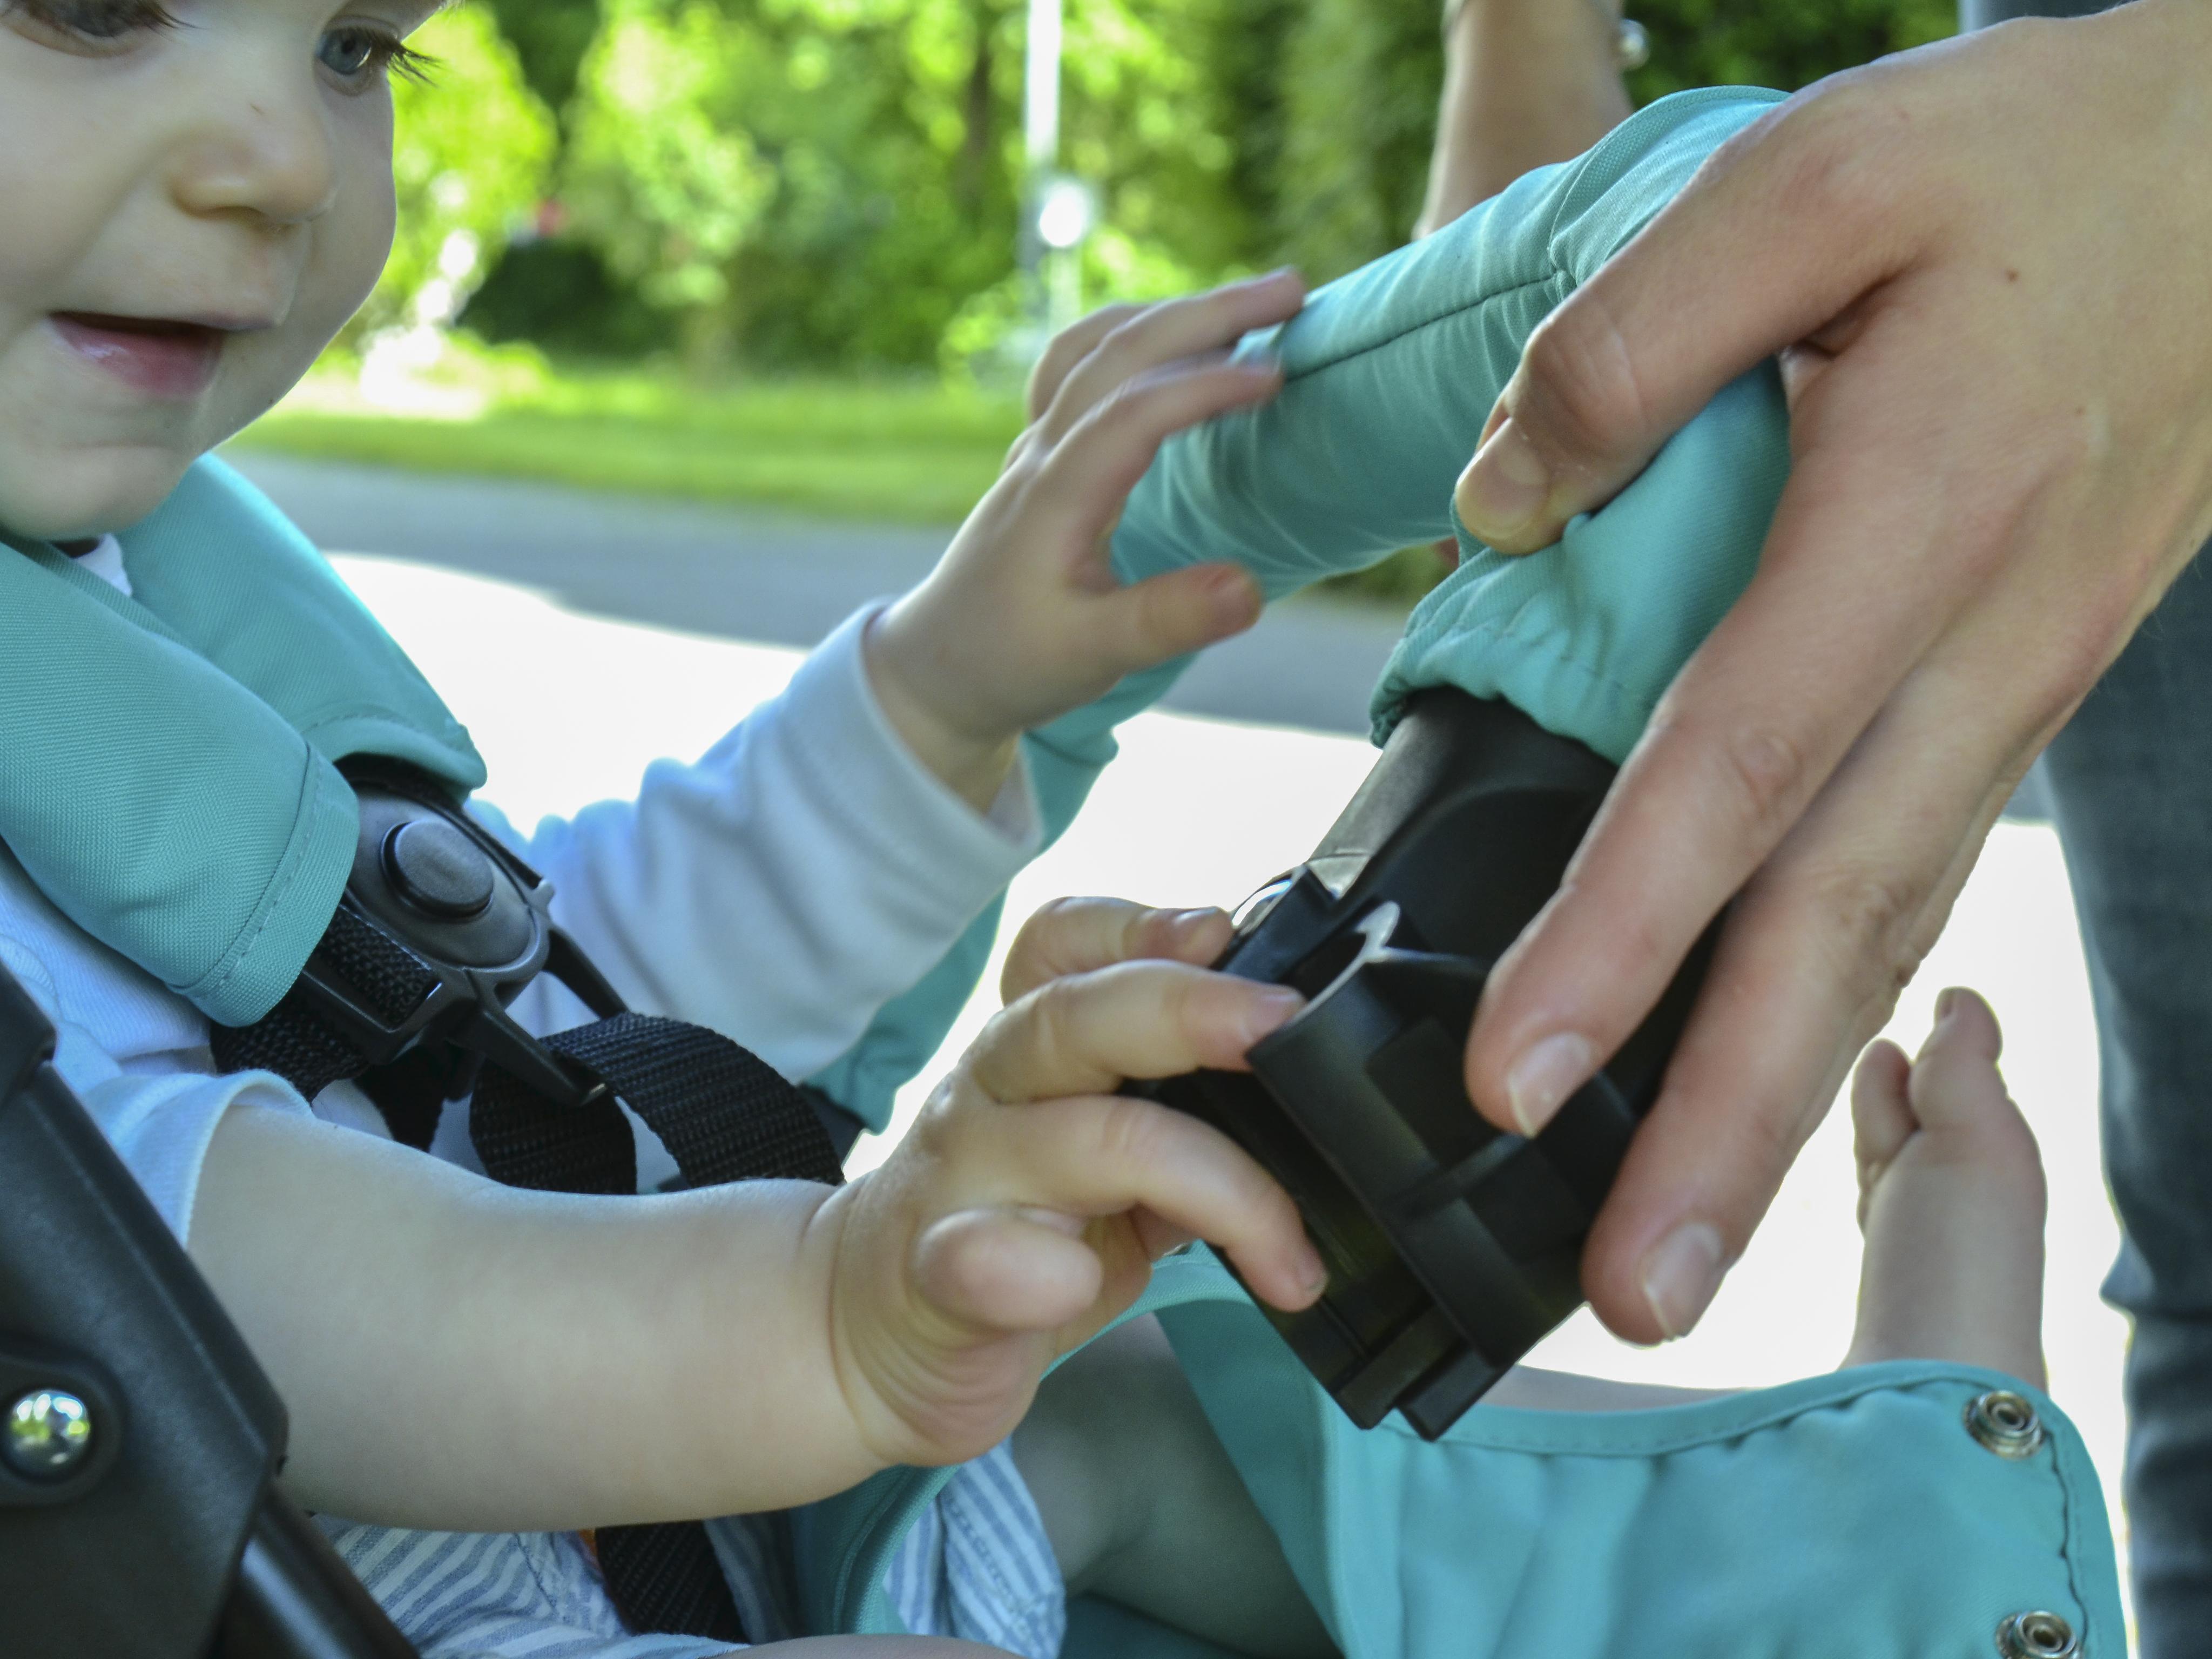 Der Sicherheitsbügel ist abnehmbar, dadurch kannst Du dein Kind einfacher aus dem Buggy nehmen.